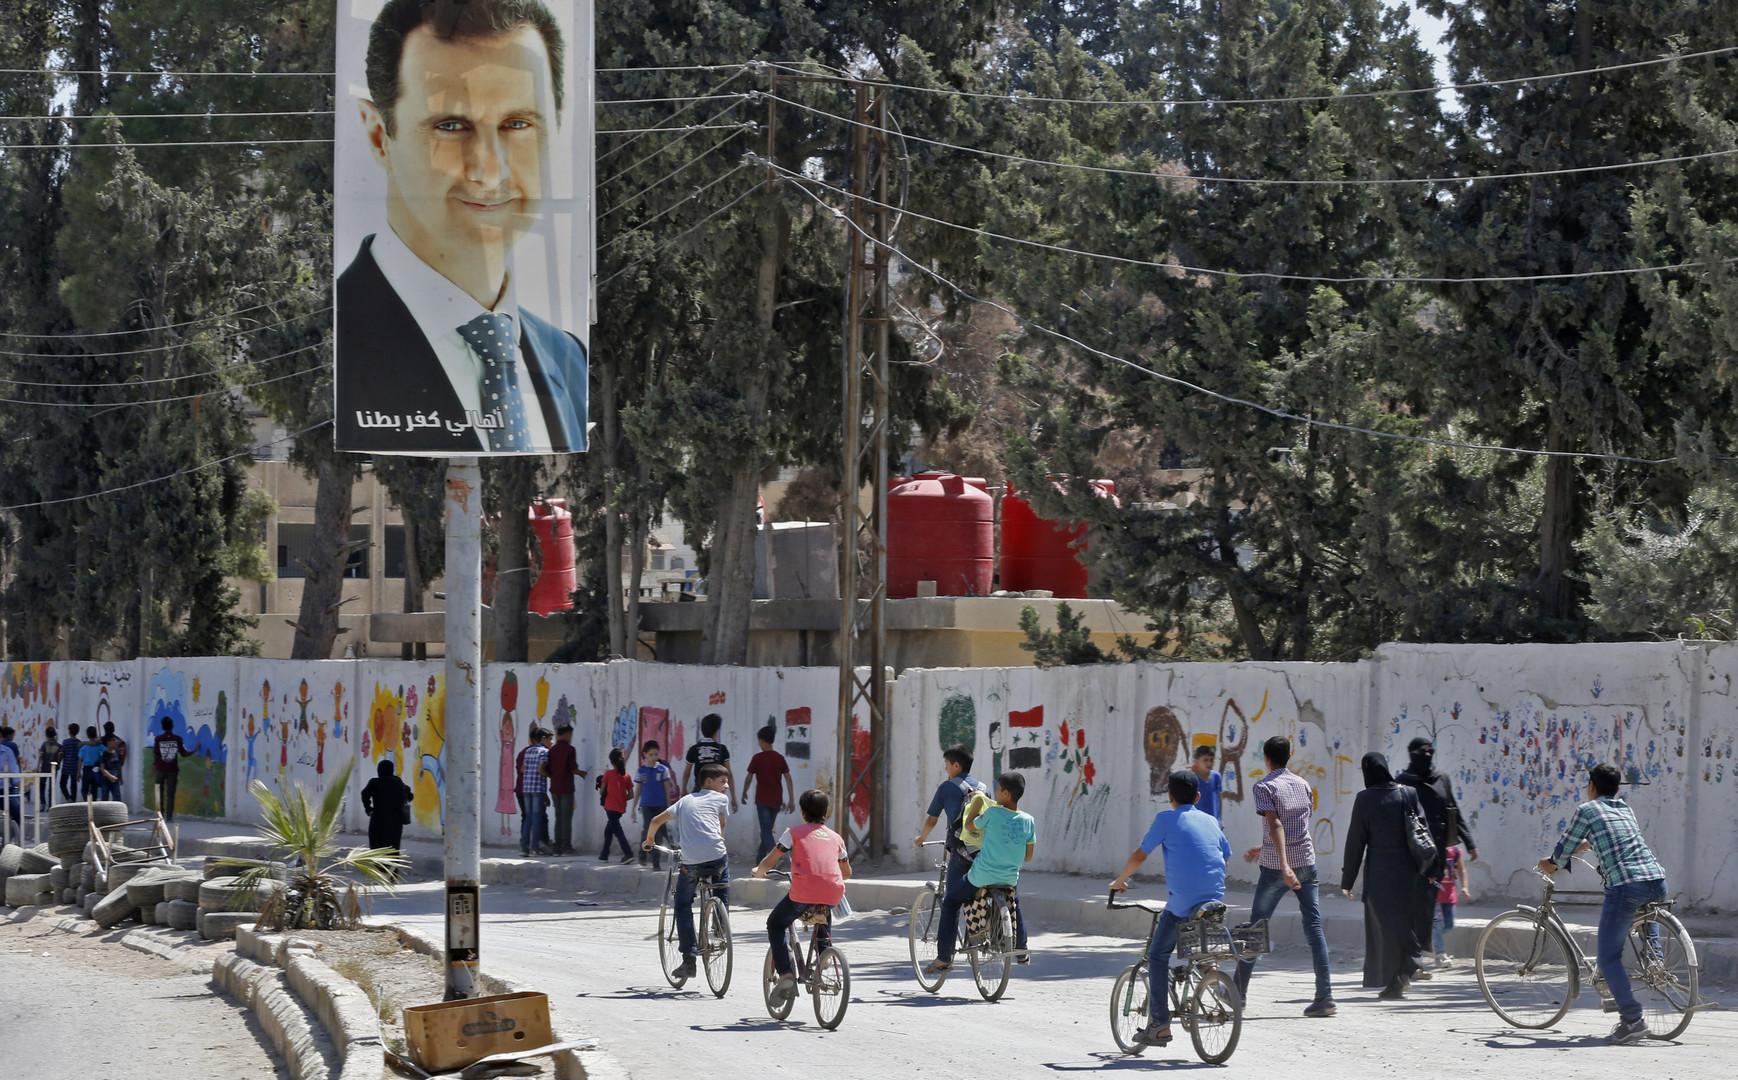 Syrie : Washington ne cherche pas à se «débarrasser d'Assad» mais veut un changement «fondamental